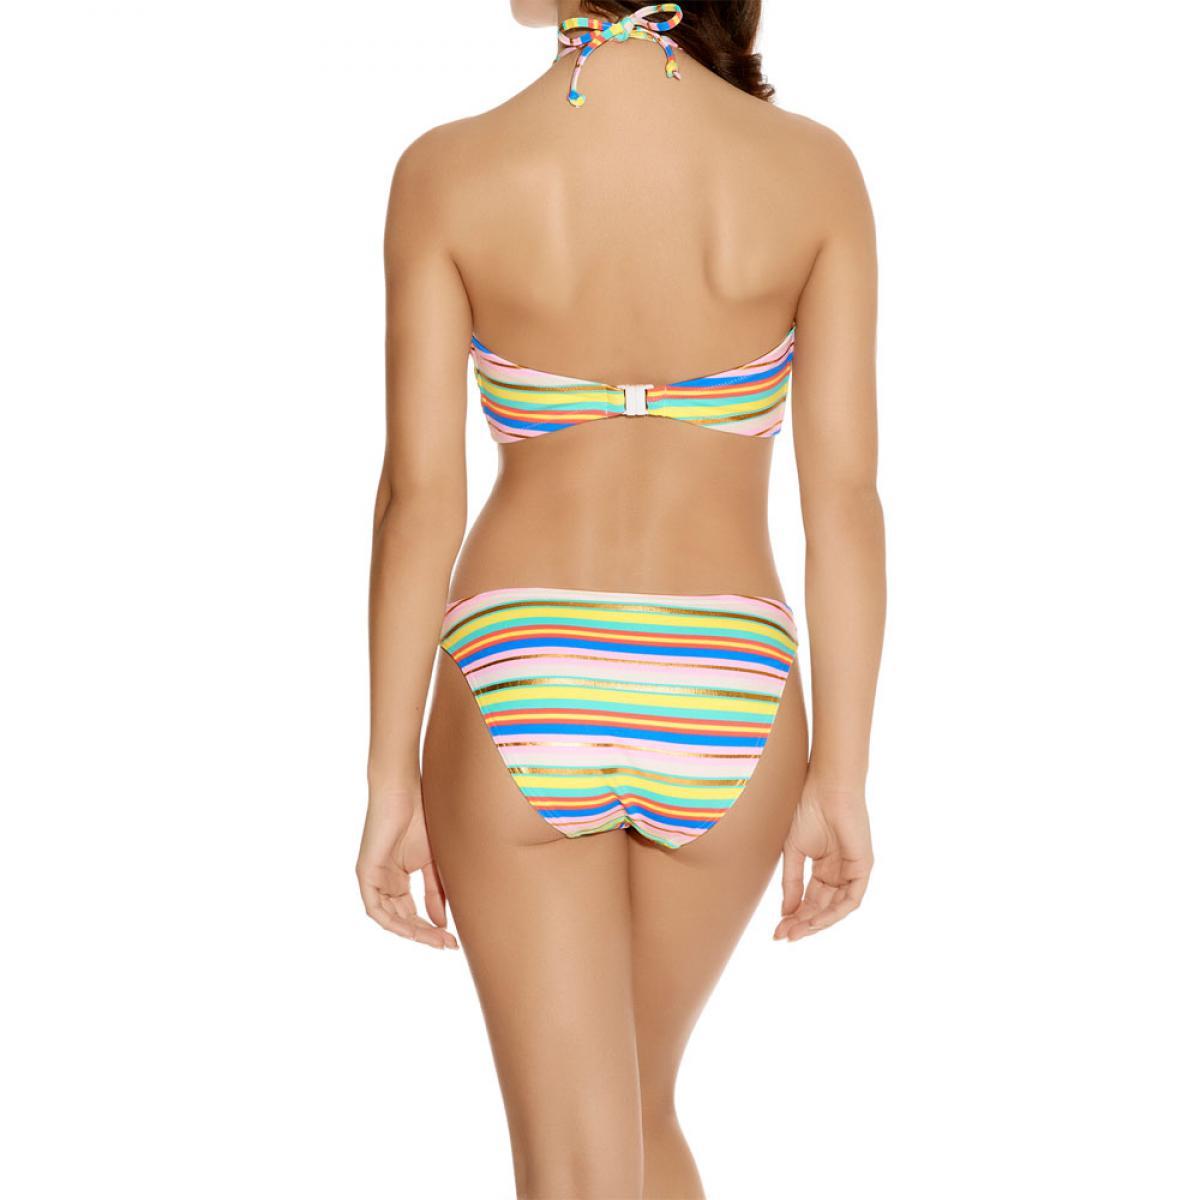 Jeu Bonne Vente 100% Garanti FREYA Haut de maillot de bain bandeau Freya BEACH CANDY pastel Obtenir Authentique Excellent Pour La Vente 8Nkca3F3V